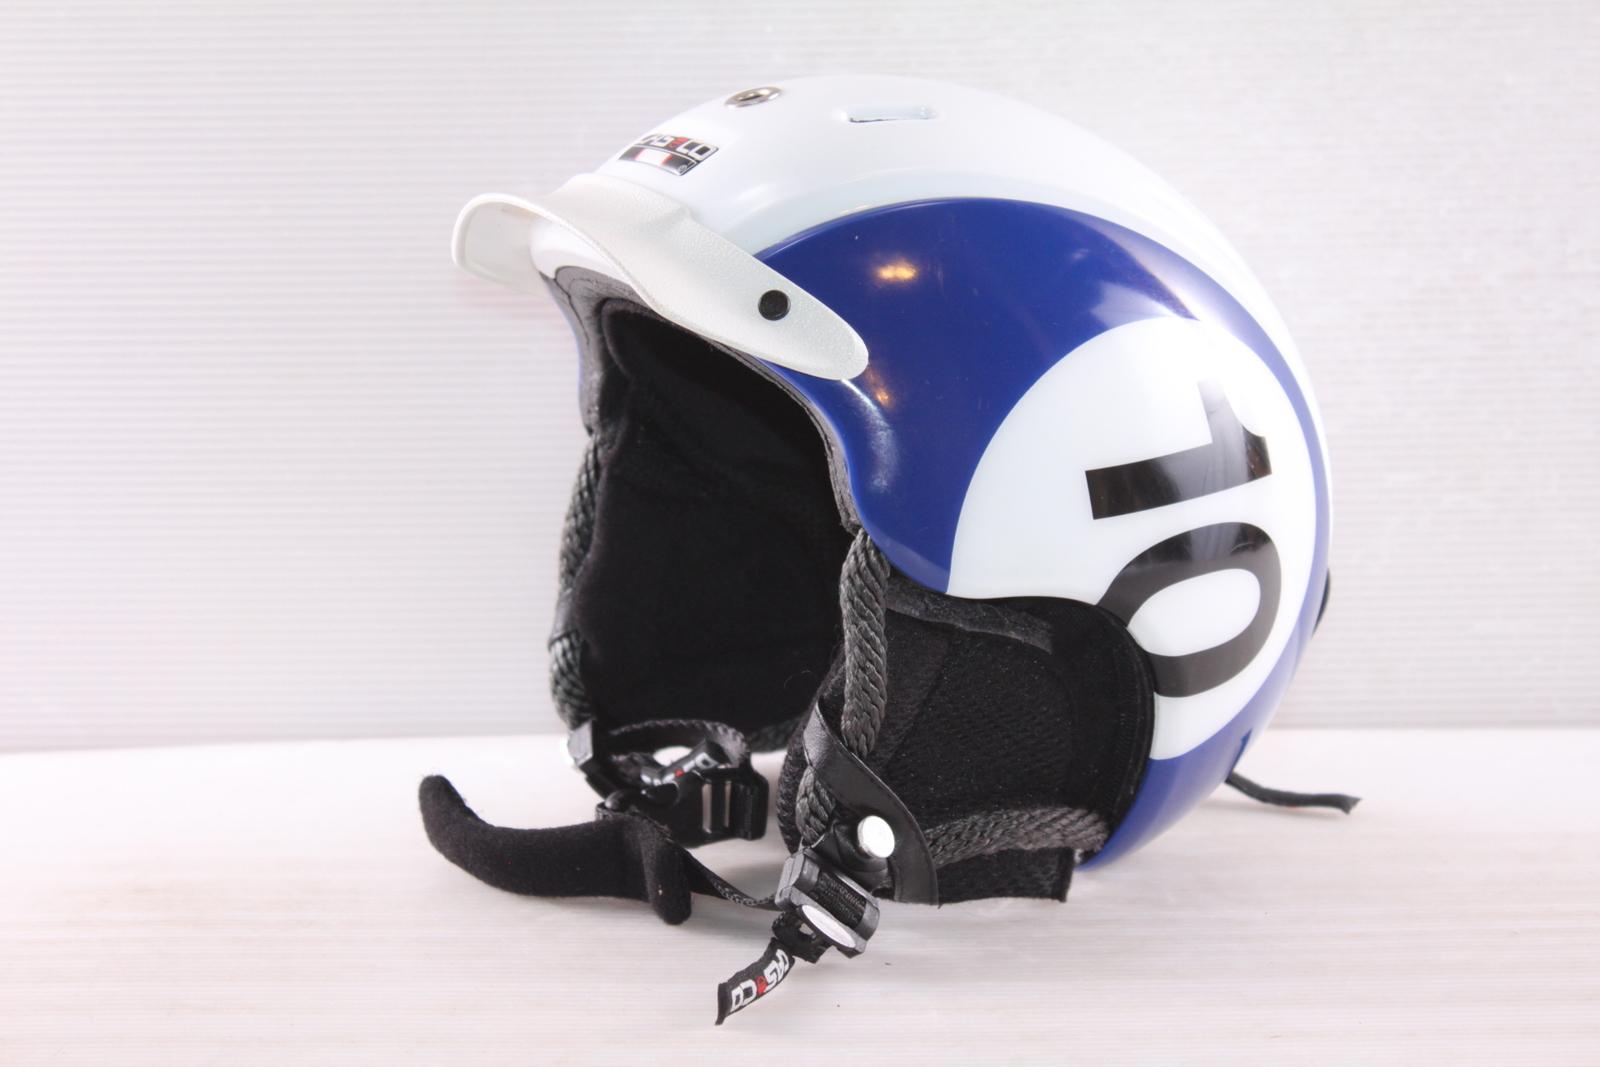 Dětská lyžařská helma Casco Mini Pro - posuvná vel. 50 - 55